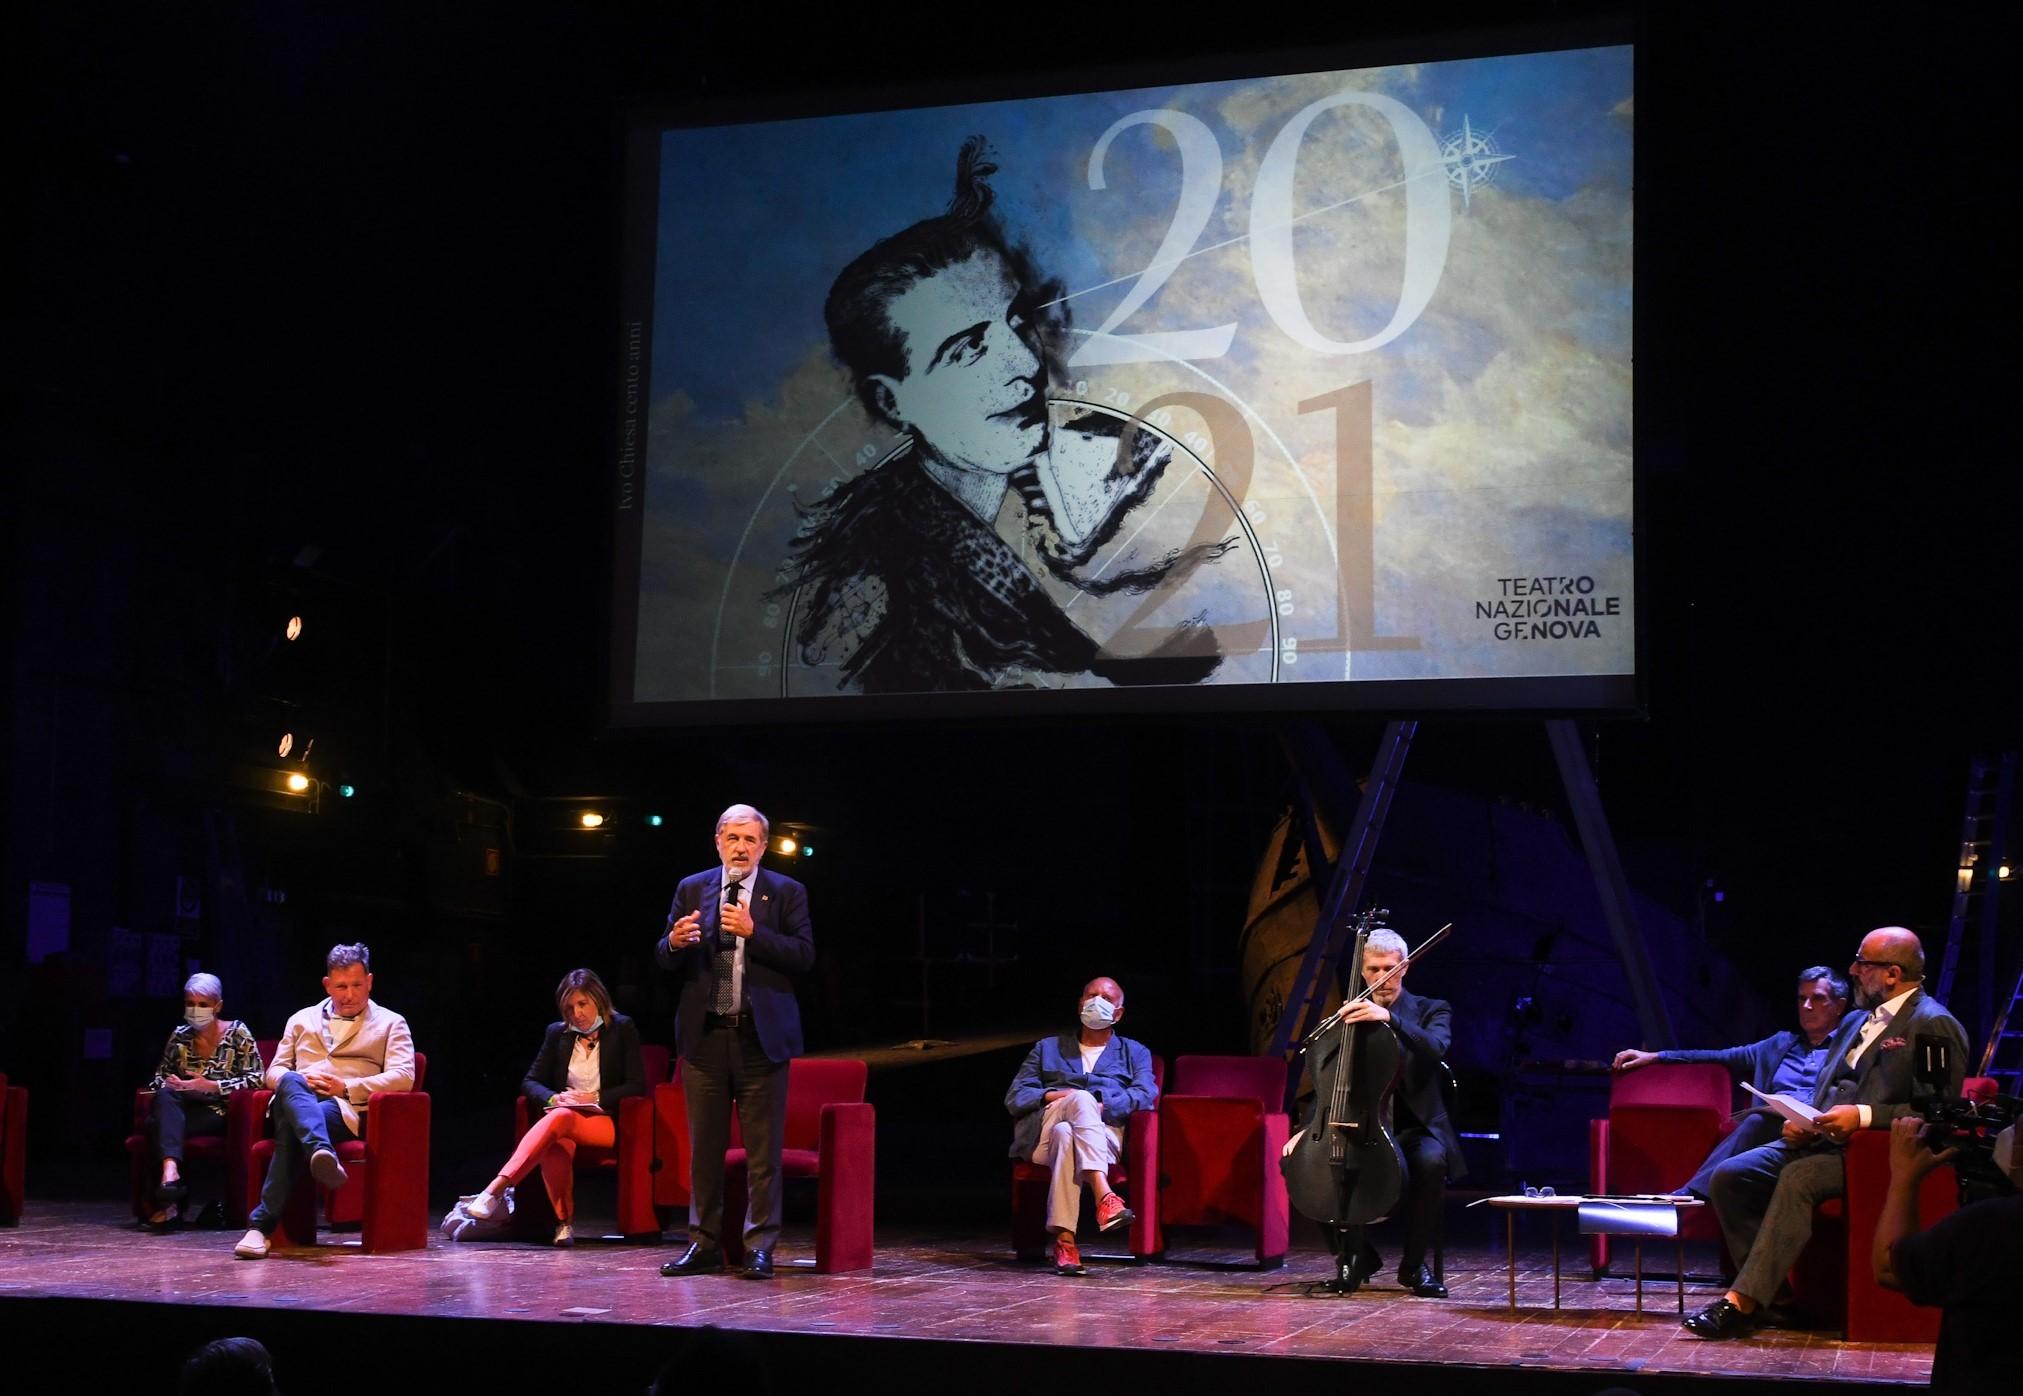 Il Teatro Nazionale di Genova presenta la sua nuova stagione in forma di show